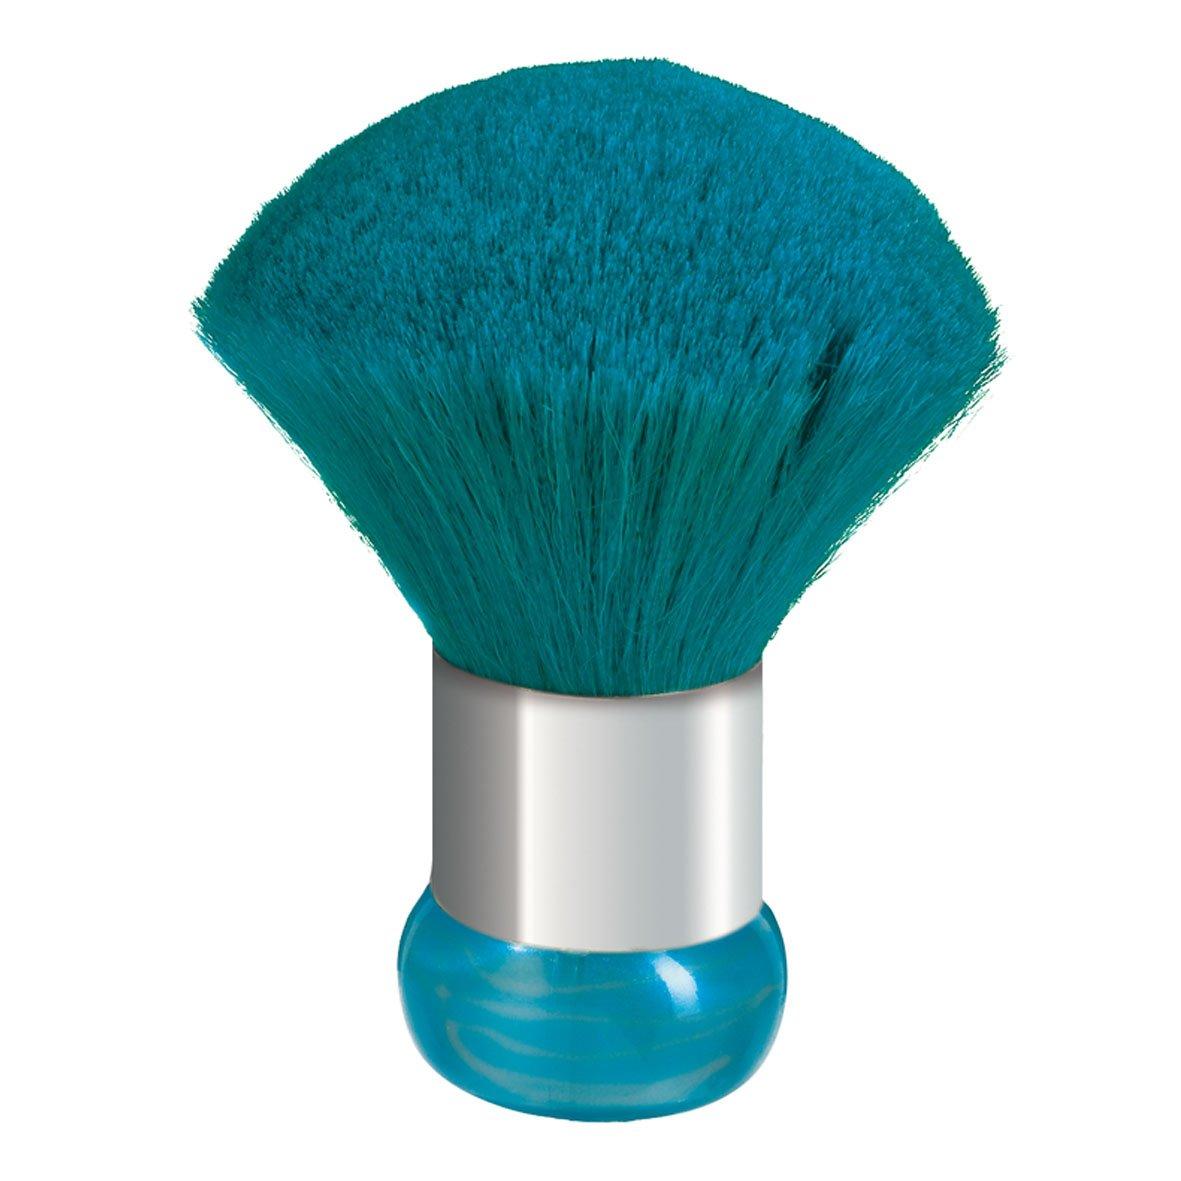 Hairforce Jumbo Nackenwedel blau Großer Nackenwedel aus Ziegenhaar